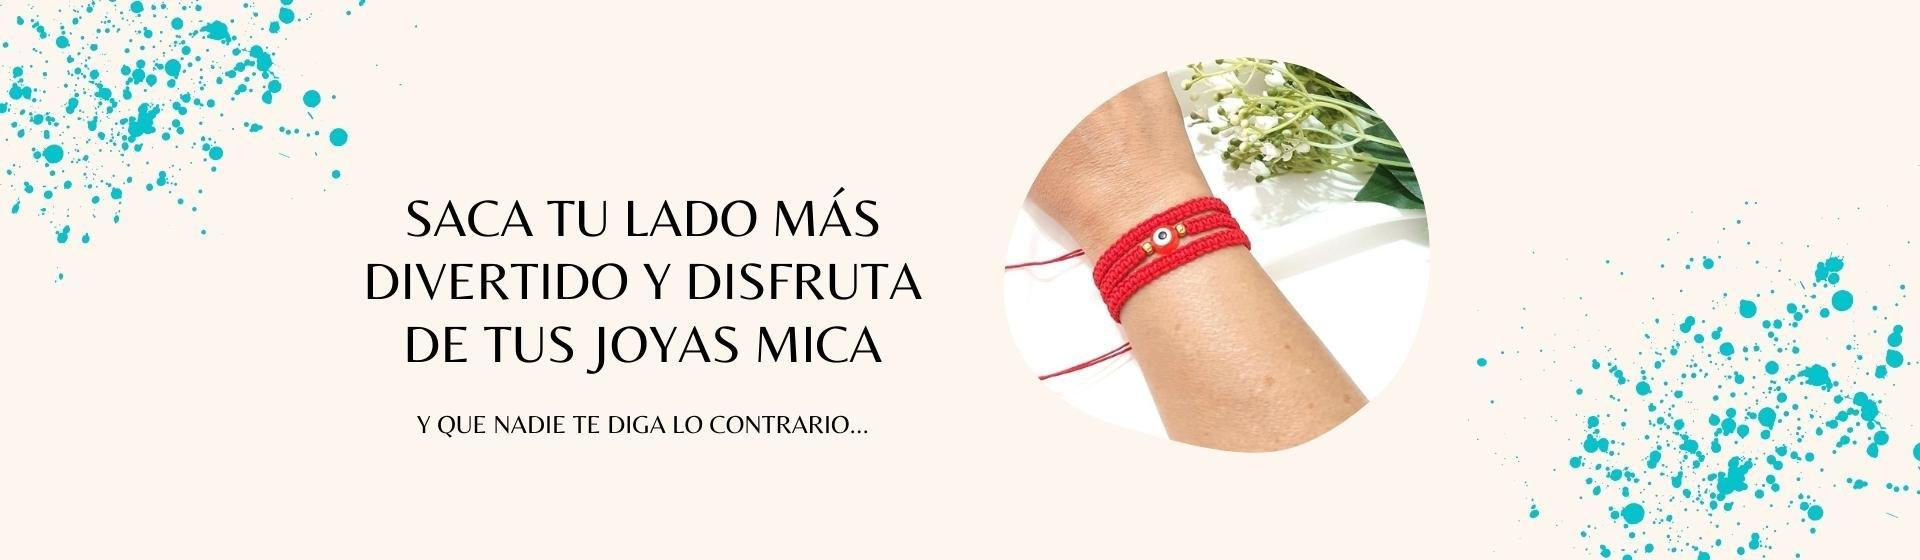 Mica Joyería Creativa - Nueva Colección